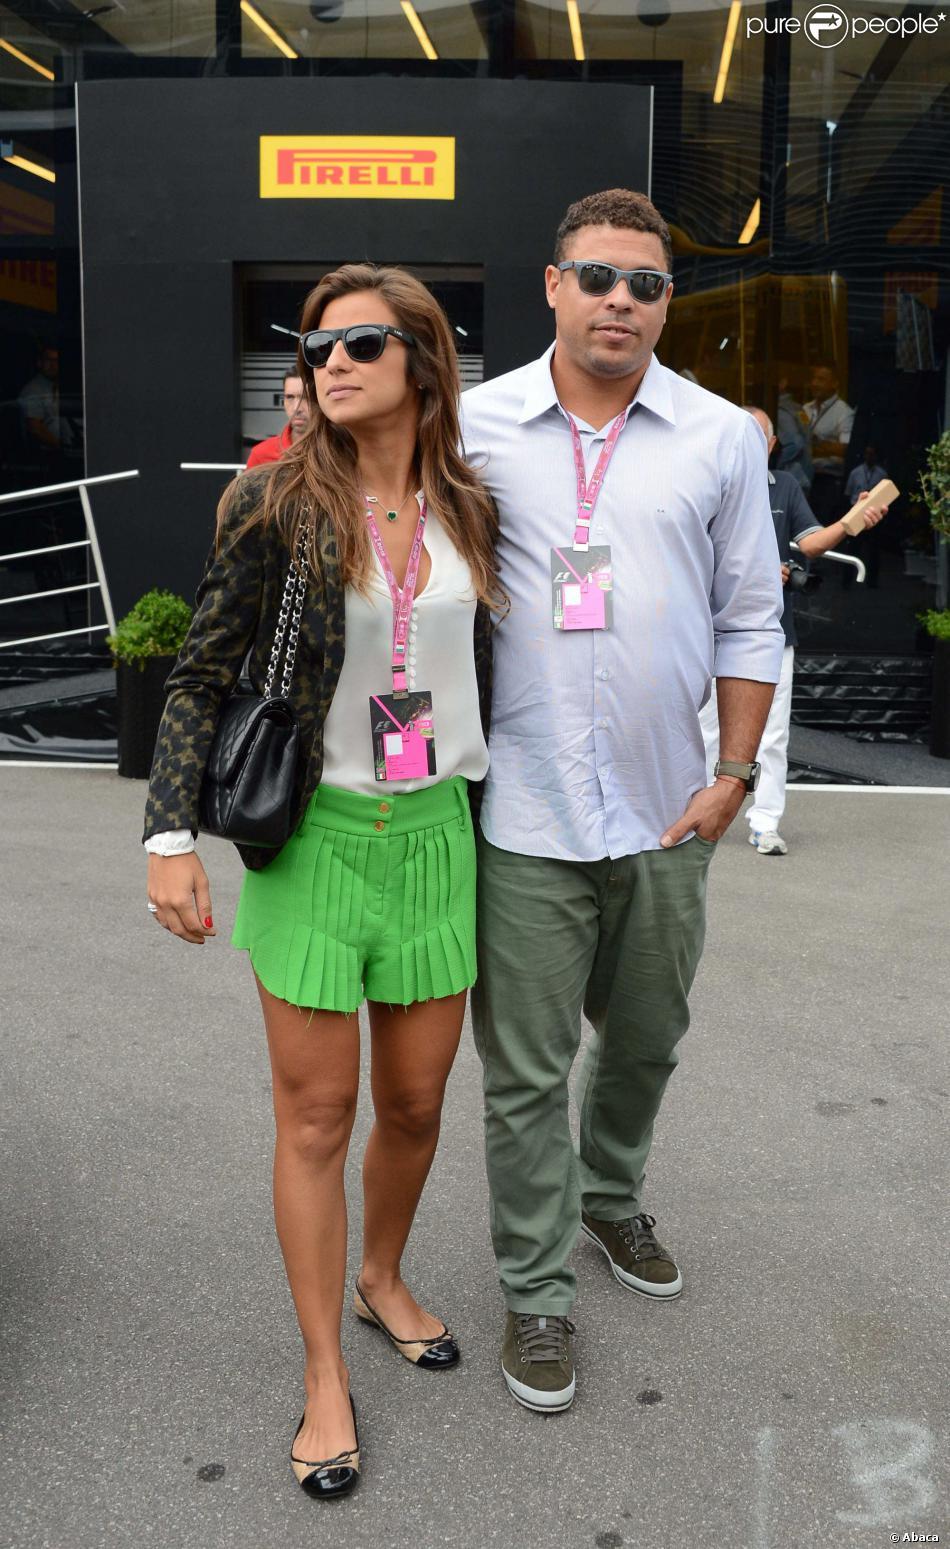 Ronaldo et sa fiancée Paula Morais dans les travées du Grand Prix d'Italie à Monza, le 8 septembre 2013